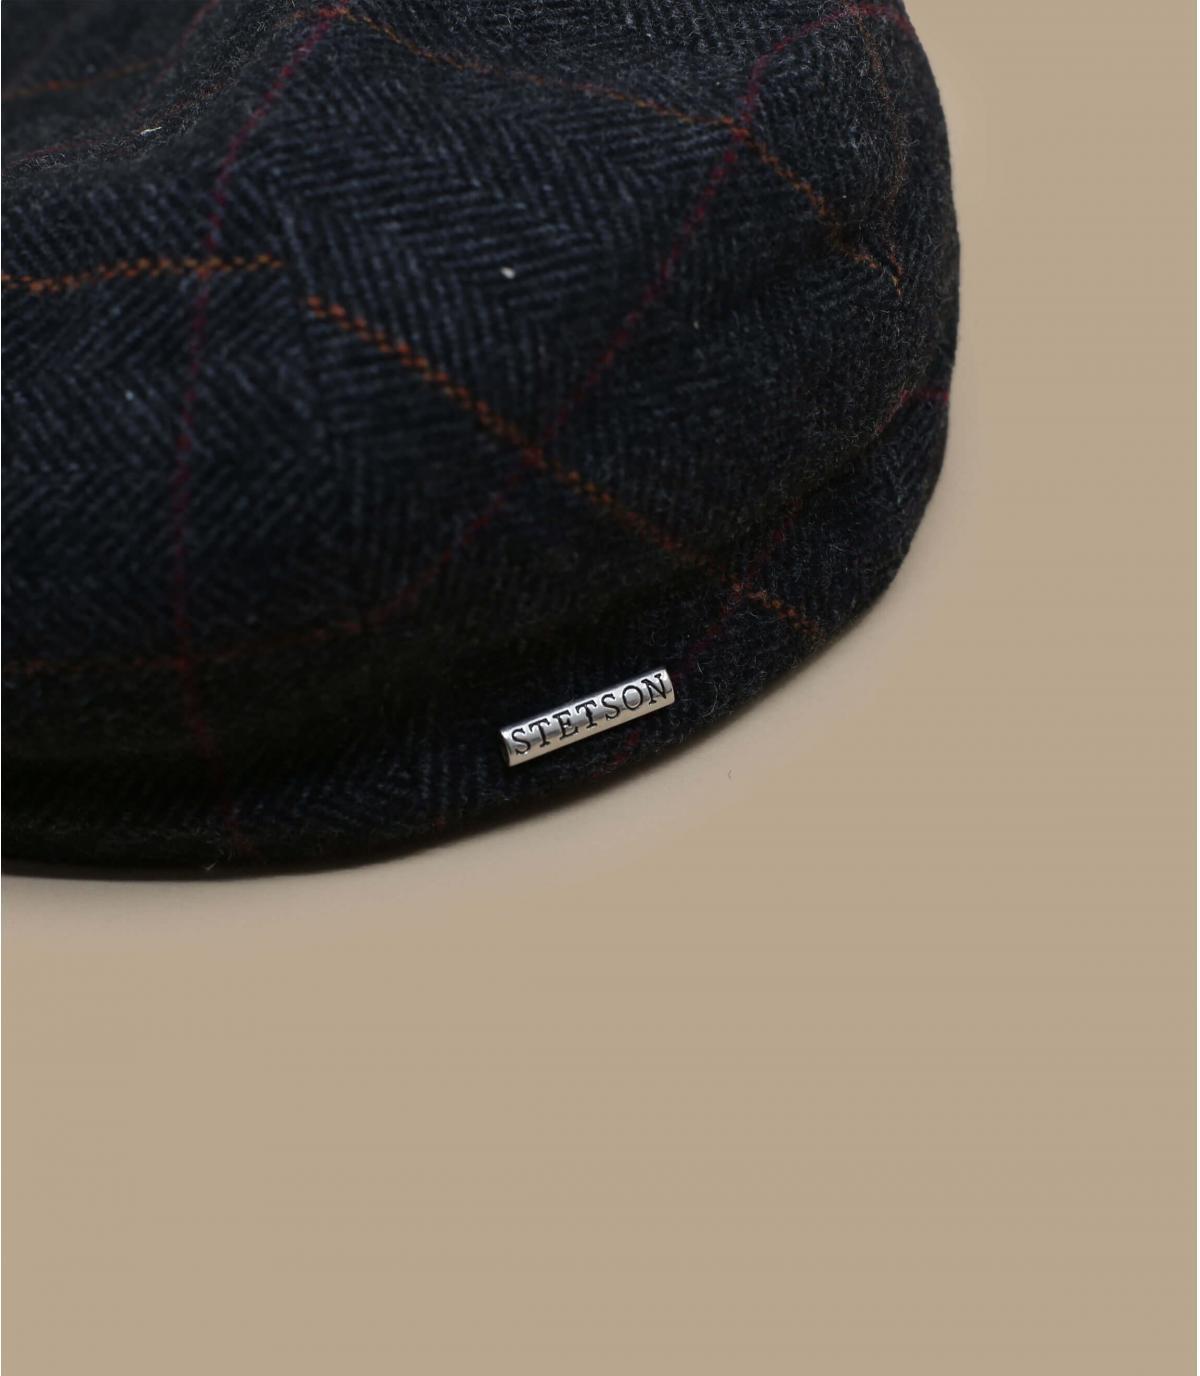 a8e05182f567ea Stetson. Flat cap earflap. Détails Kent wool Earflap grey - image 4;  Détails Kent wool Earflap grey - image ...